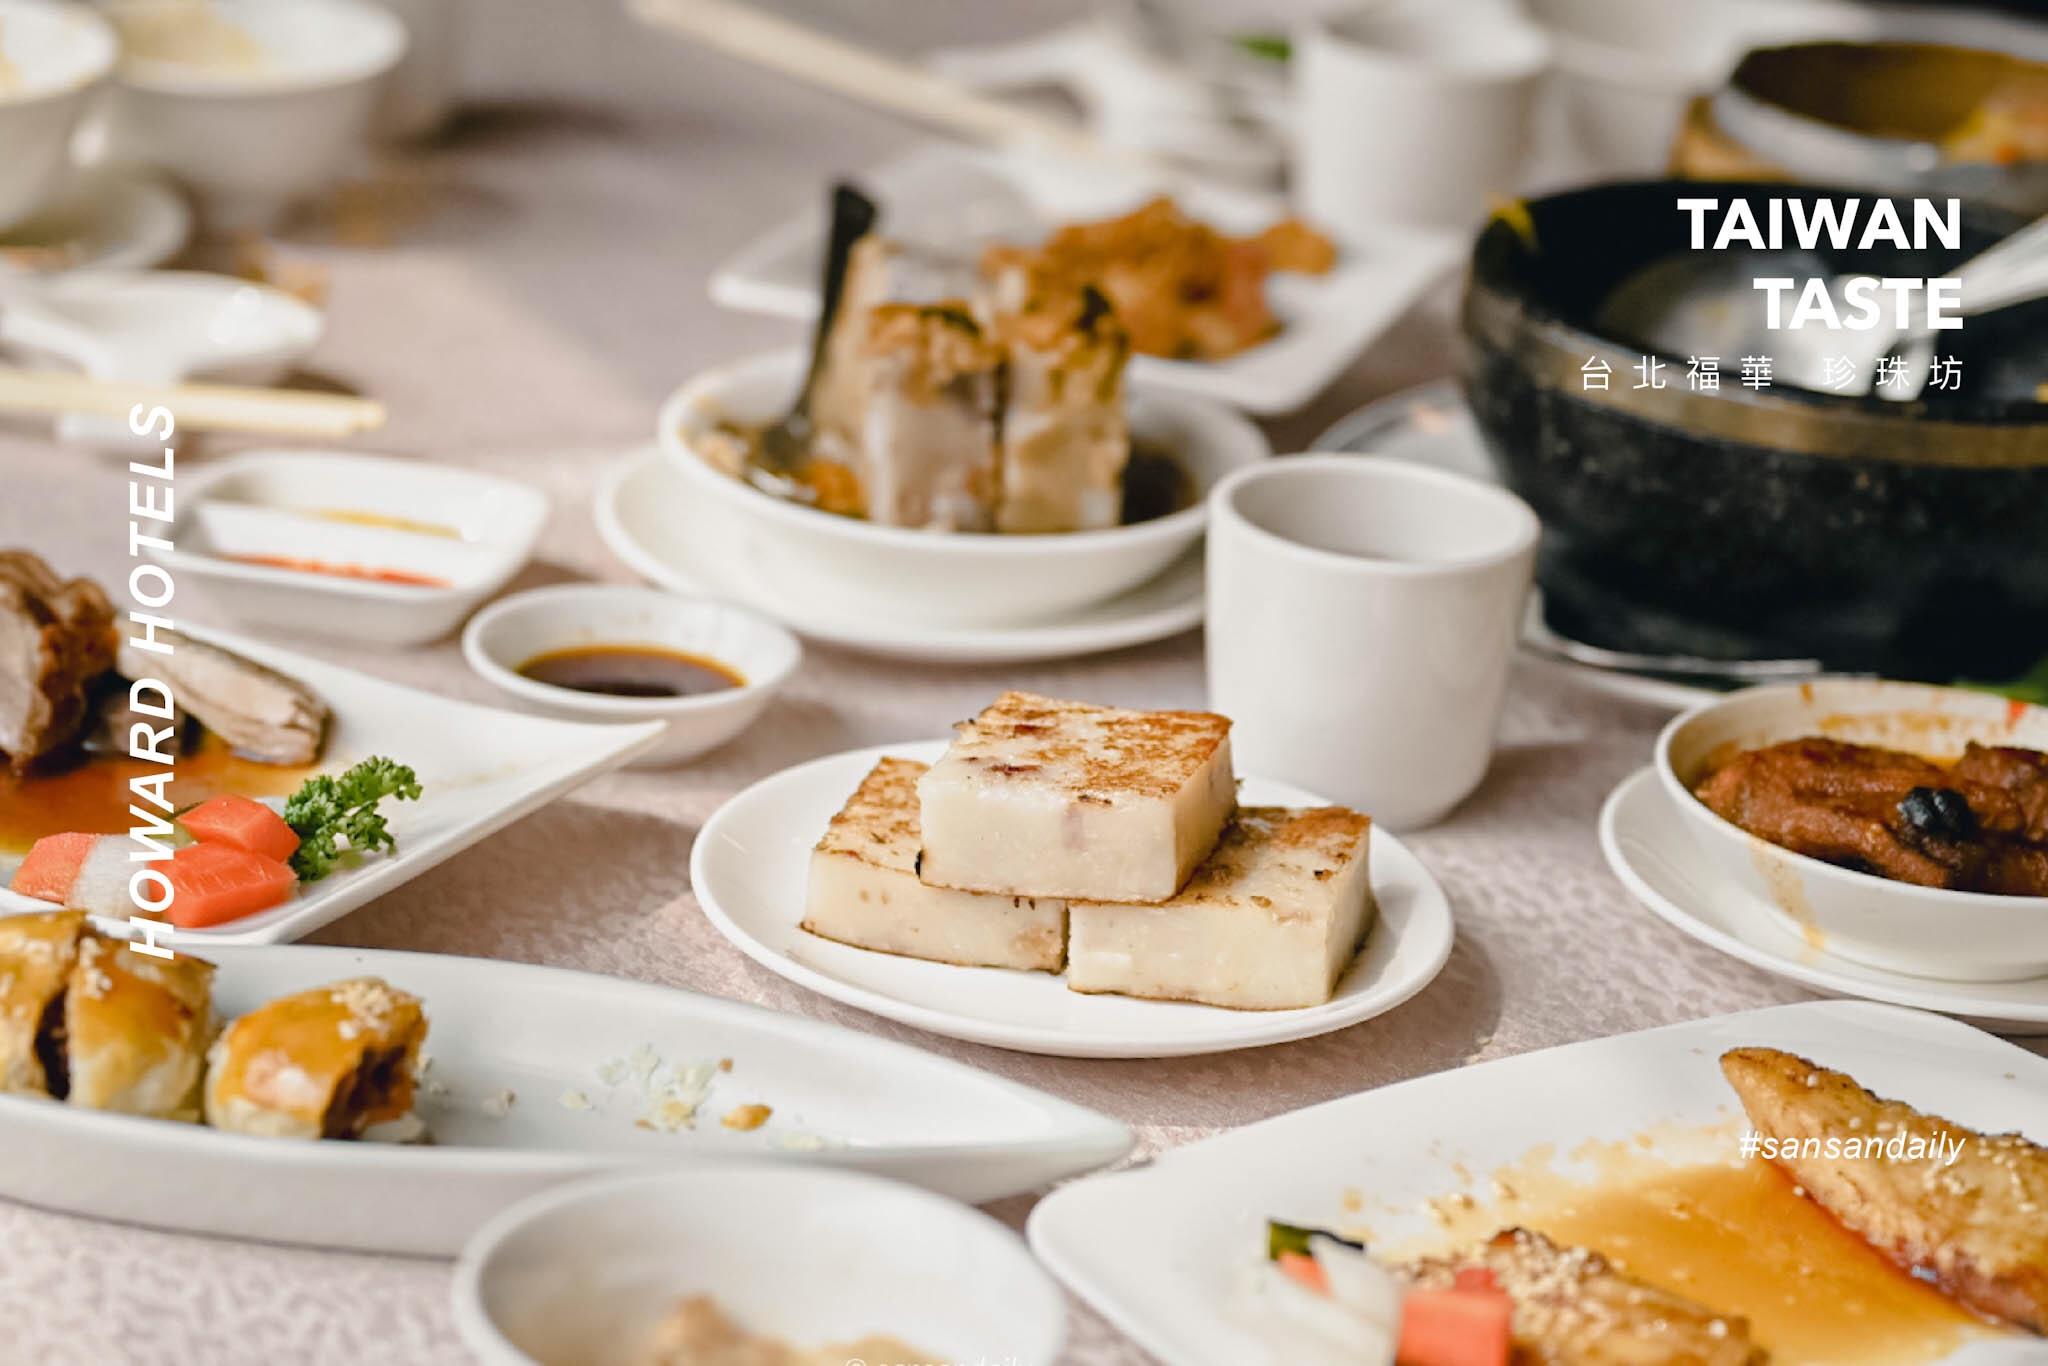 台北福華大飯店 珍珠坊 粵菜港點吃到飽 幸福的晚餐時光 飯店吃到飽推薦|sansan吃台北